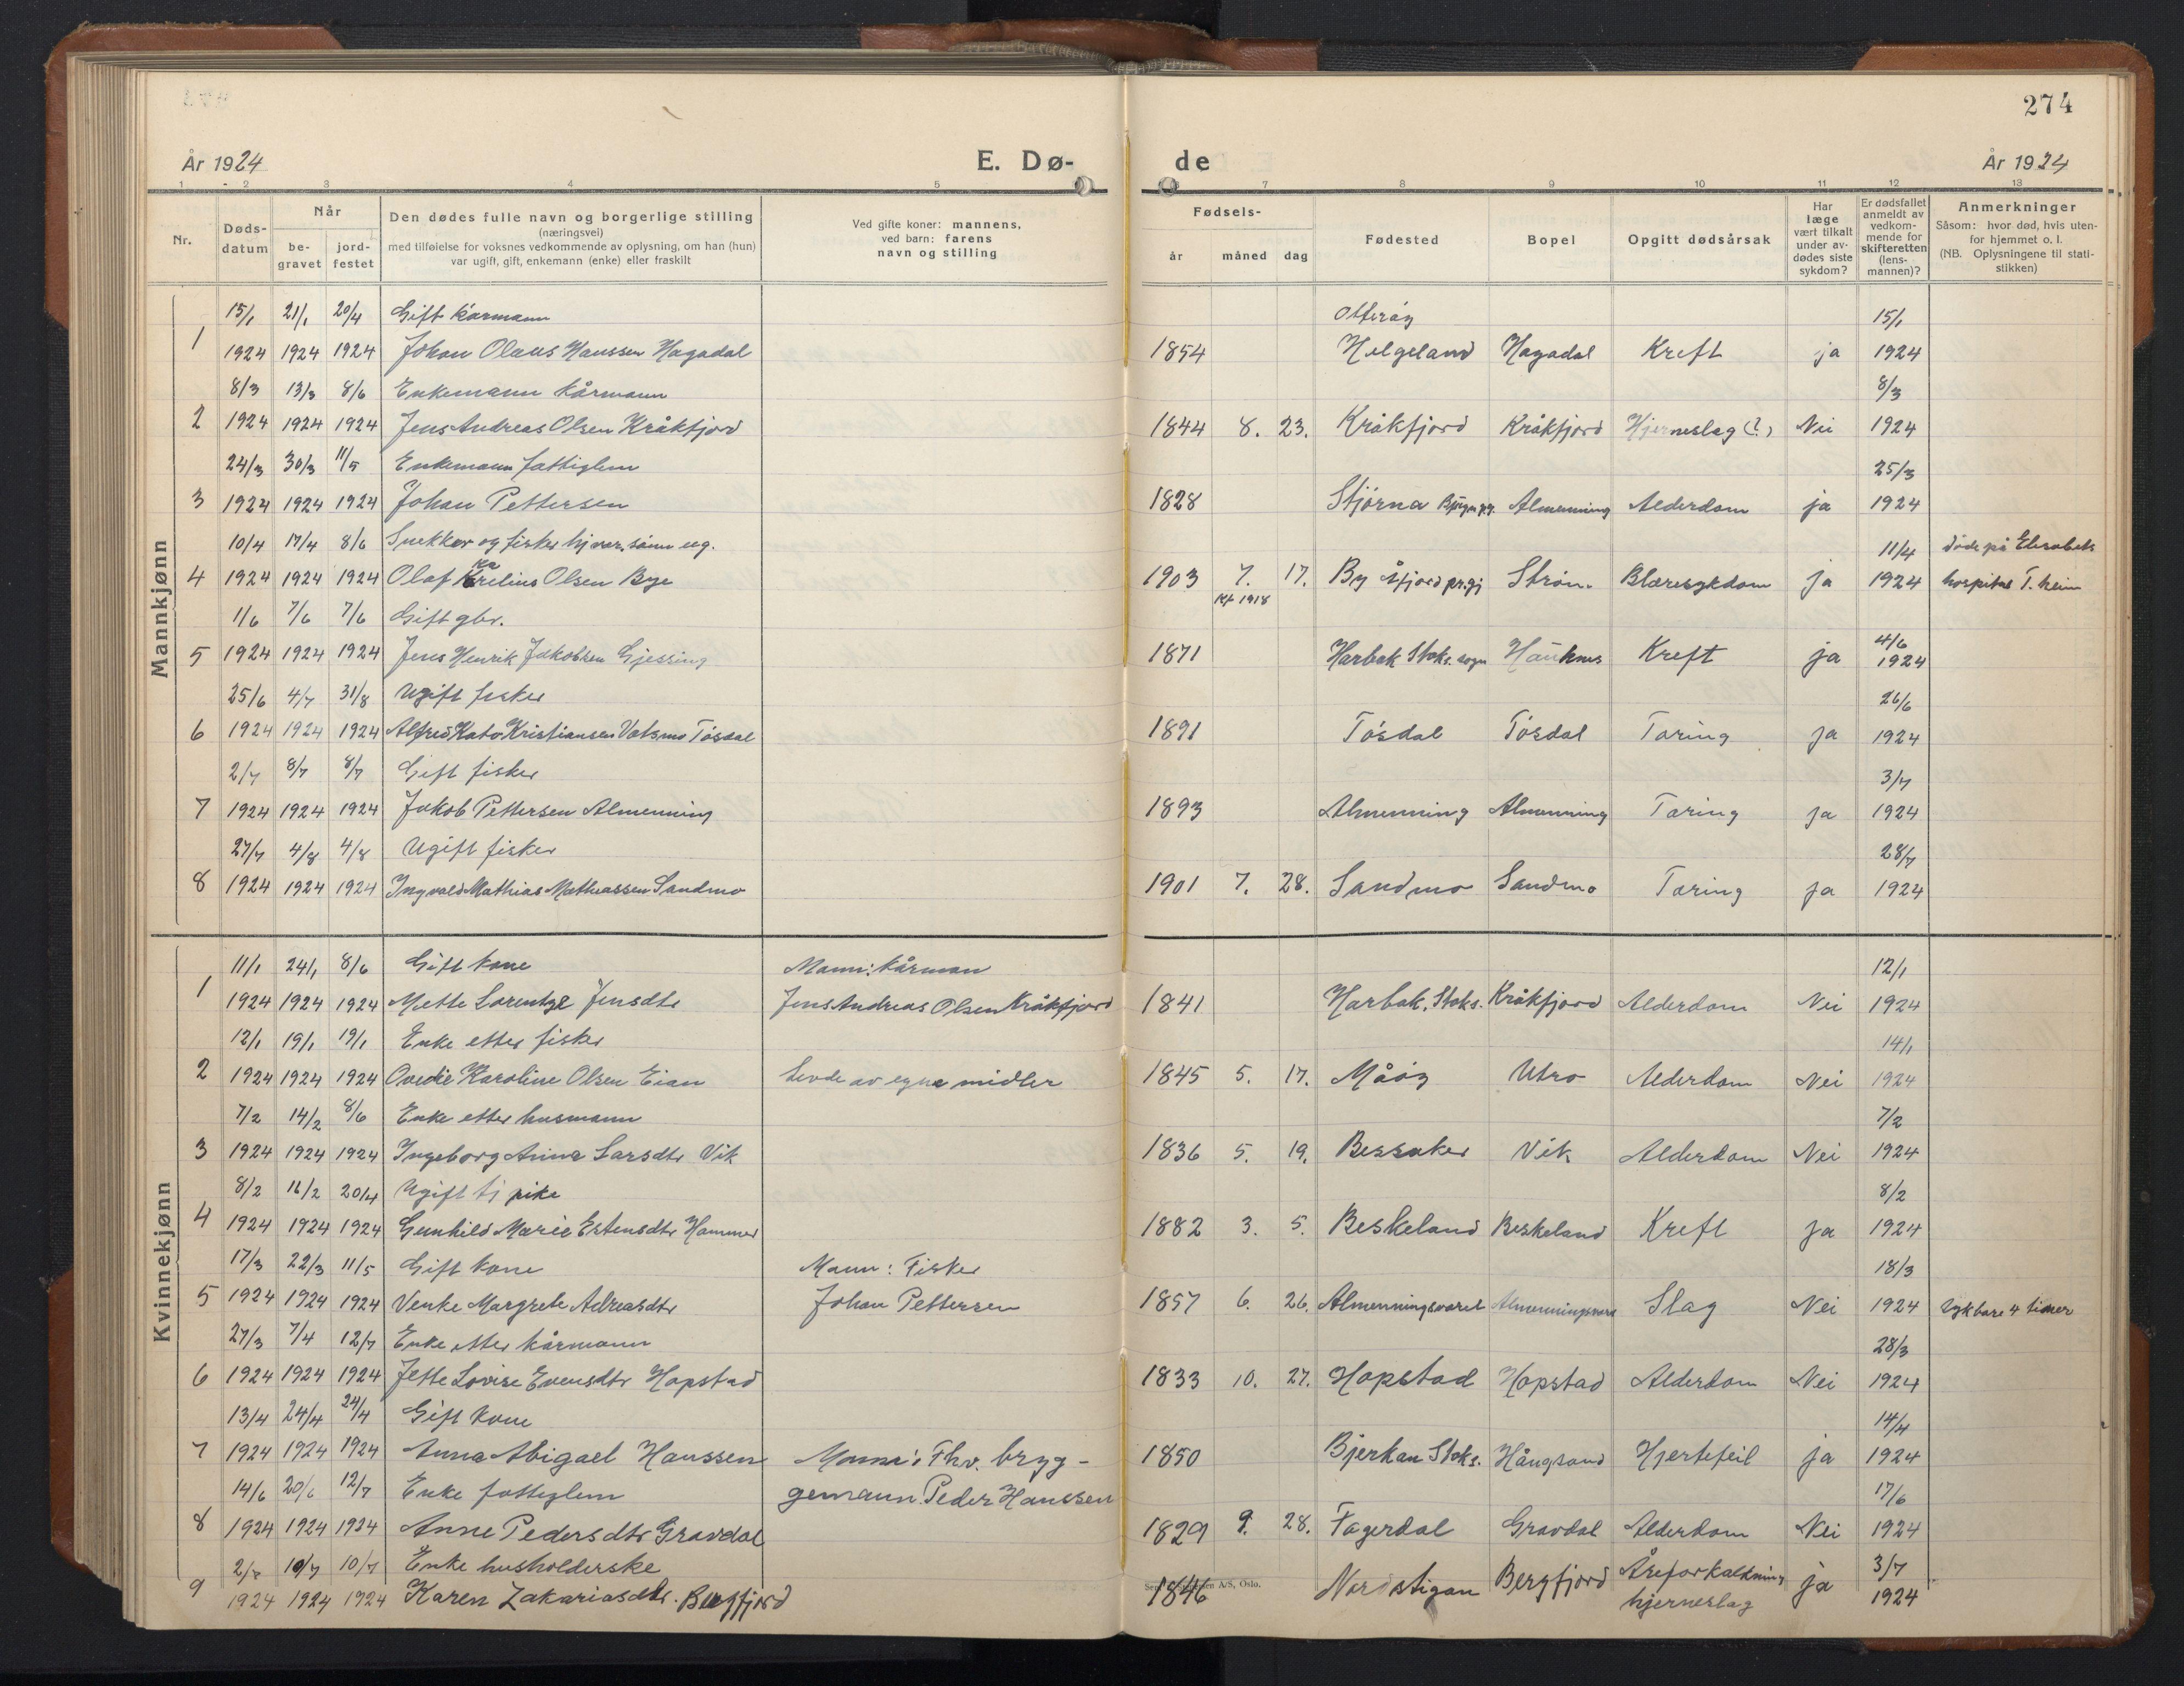 SAT, Ministerialprotokoller, klokkerbøker og fødselsregistre - Sør-Trøndelag, 657/L0718: Klokkerbok nr. 657C05, 1923-1948, s. 274